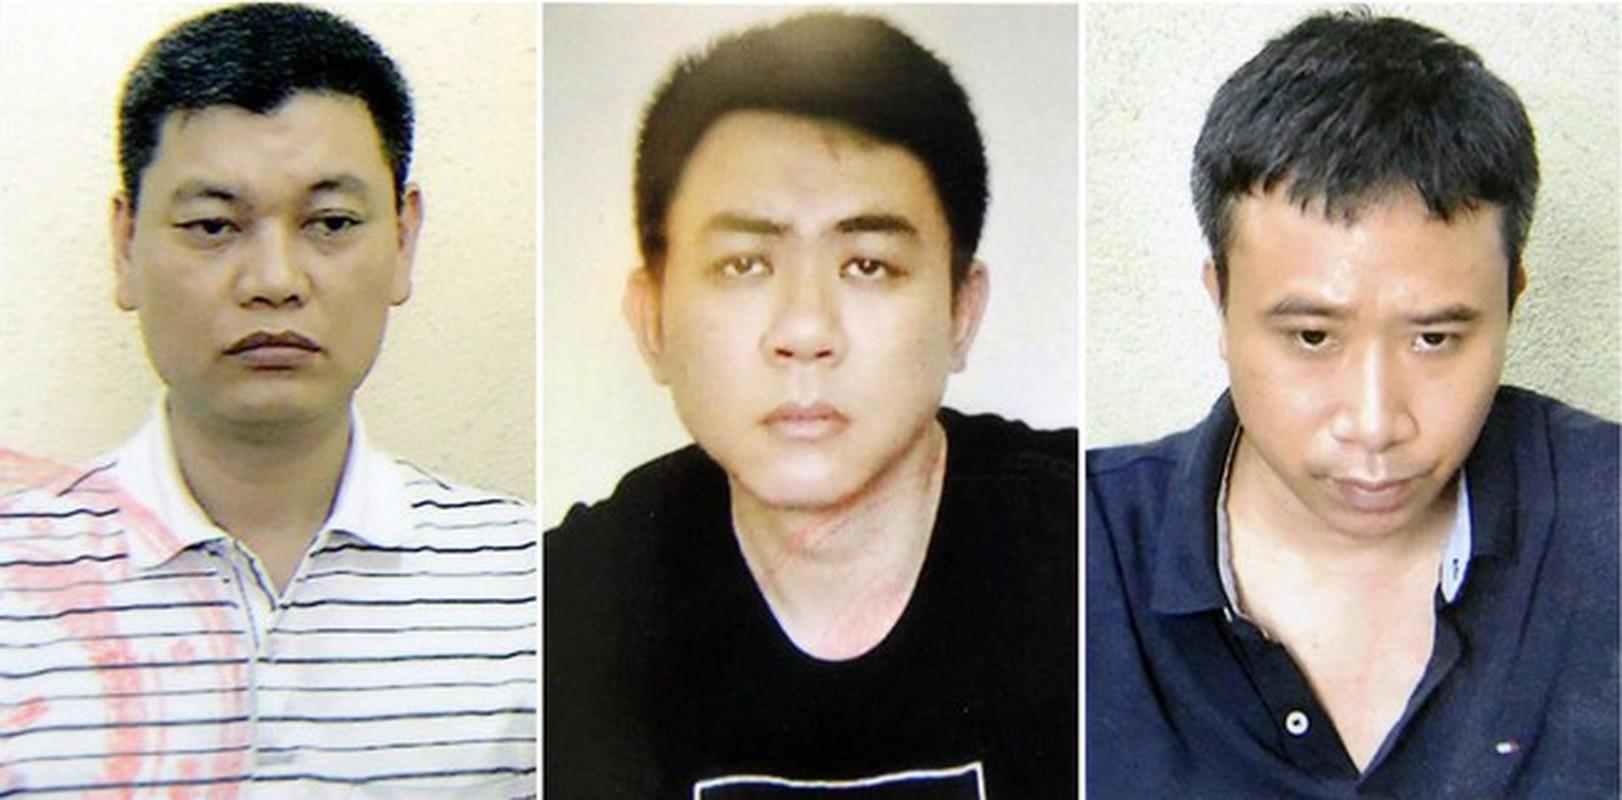 Tin nong ngay 22/7: Nguyen nhan ky luat Pho TGD Yen sao Khanh Hoa-Hinh-4